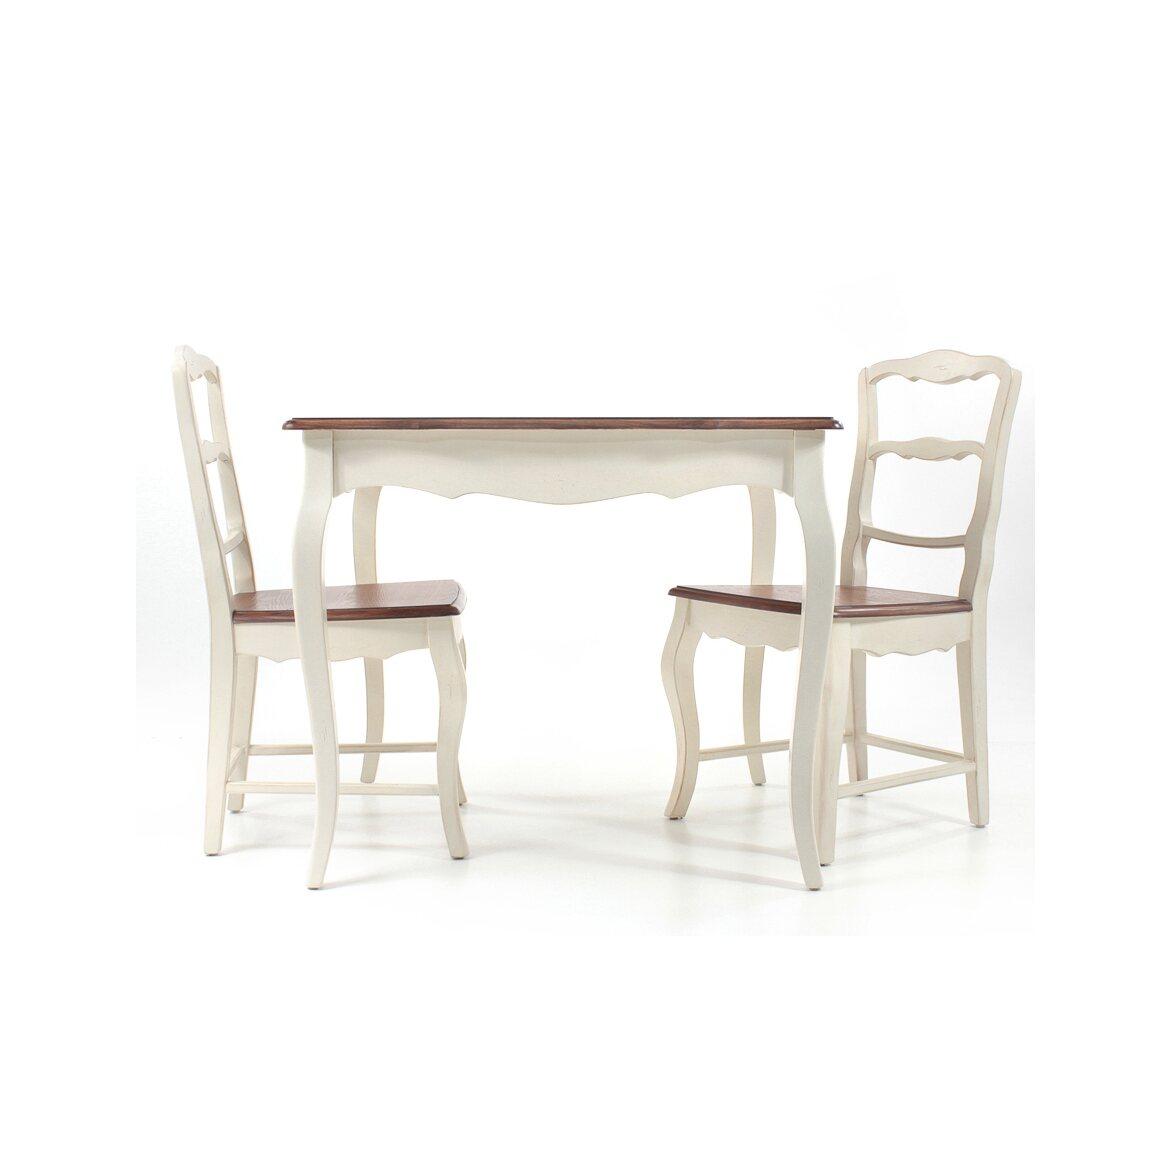 Круглый обеденный стол (большой) Leontina, бежевого цвета 8 | Обеденные столы Kingsby